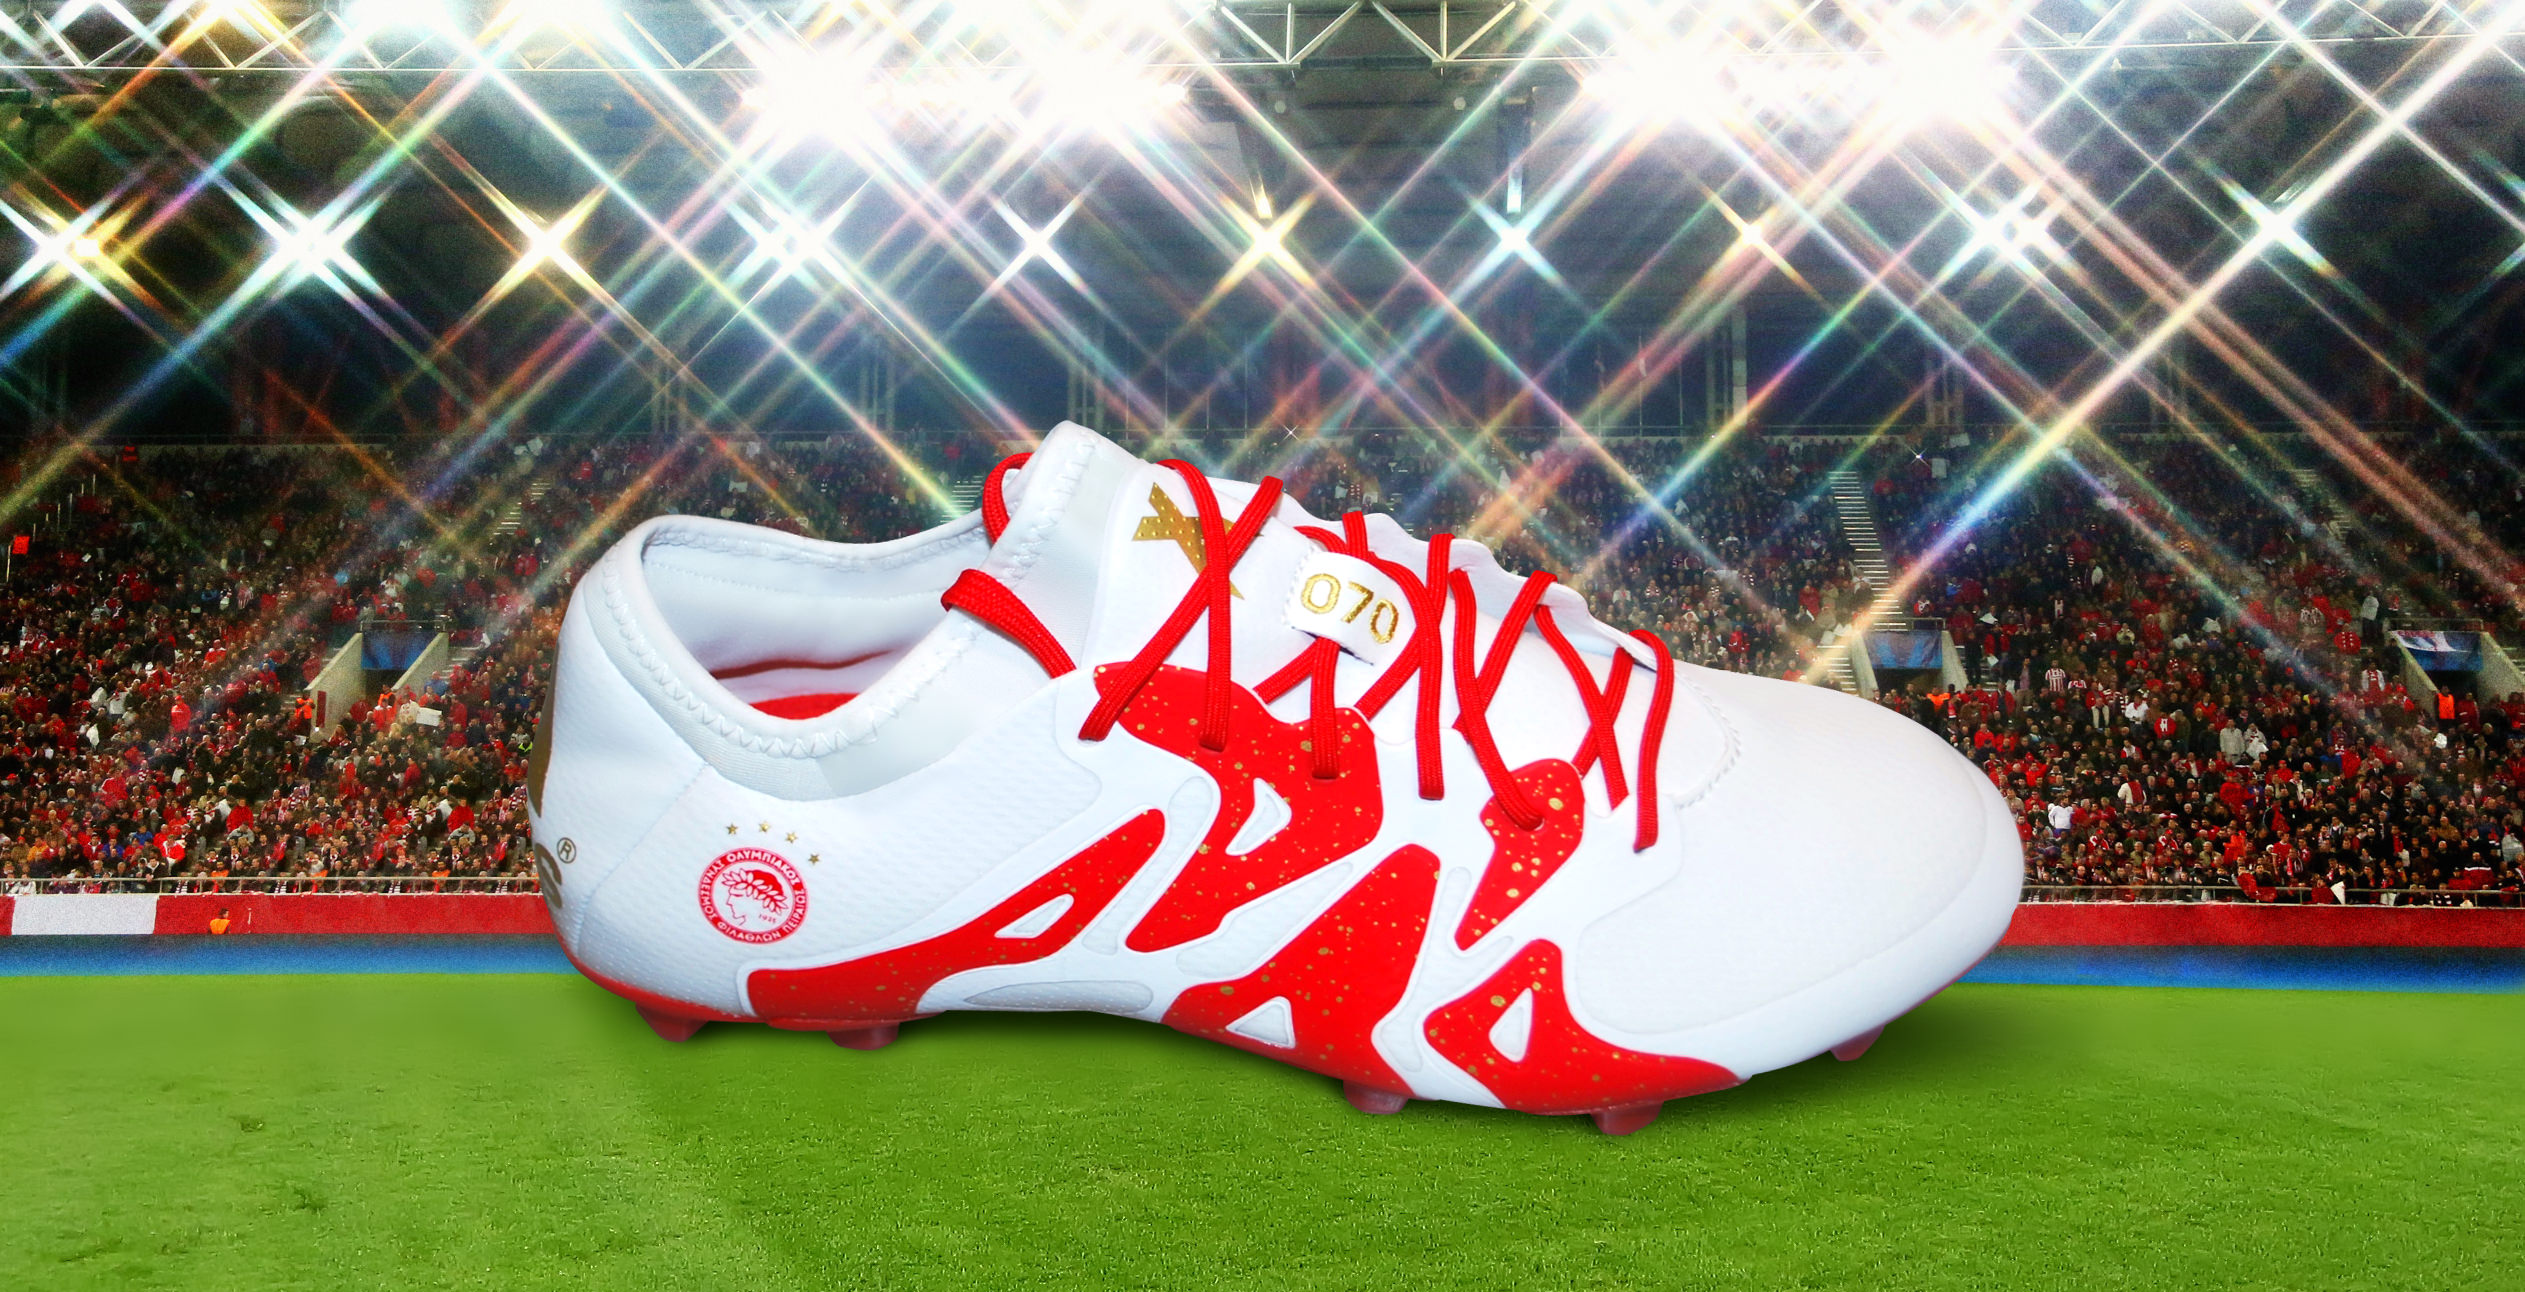 Η adidas γιορτάζει τα 90 χρόνια του Ολυμπιακού